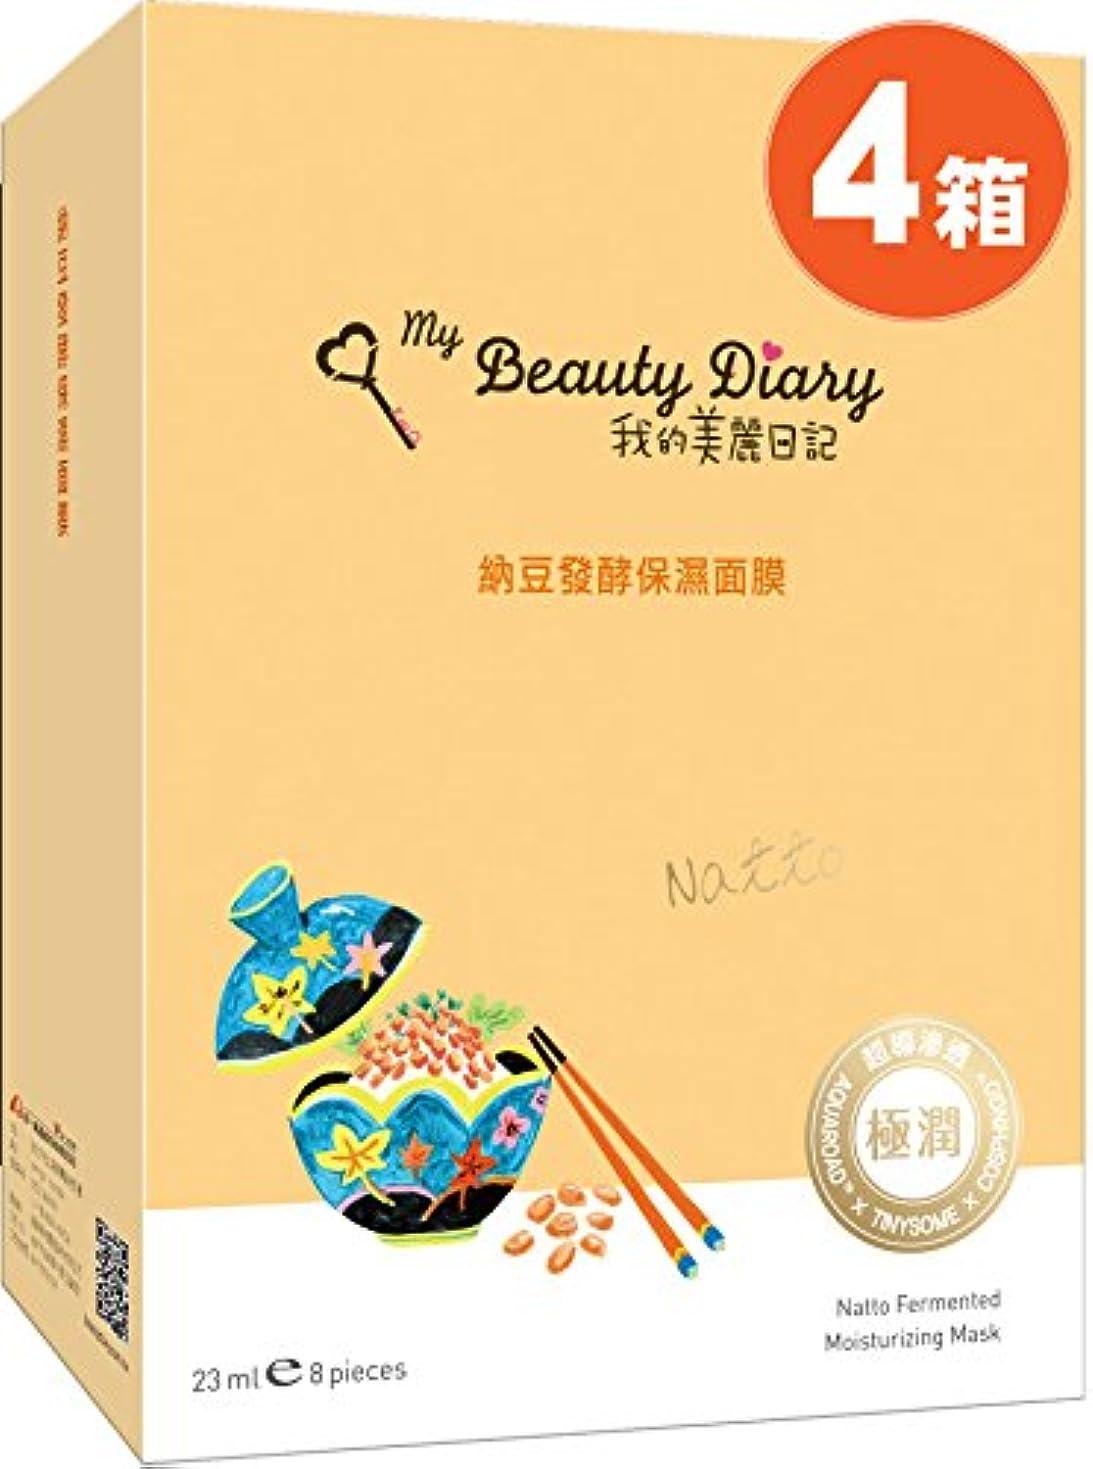 出血つまらない狭い《我的美麗日記》 私のきれい日記 納豆マスク 8枚入り ×4個 《台湾 お土産》(▼800円値引) [並行輸入品]